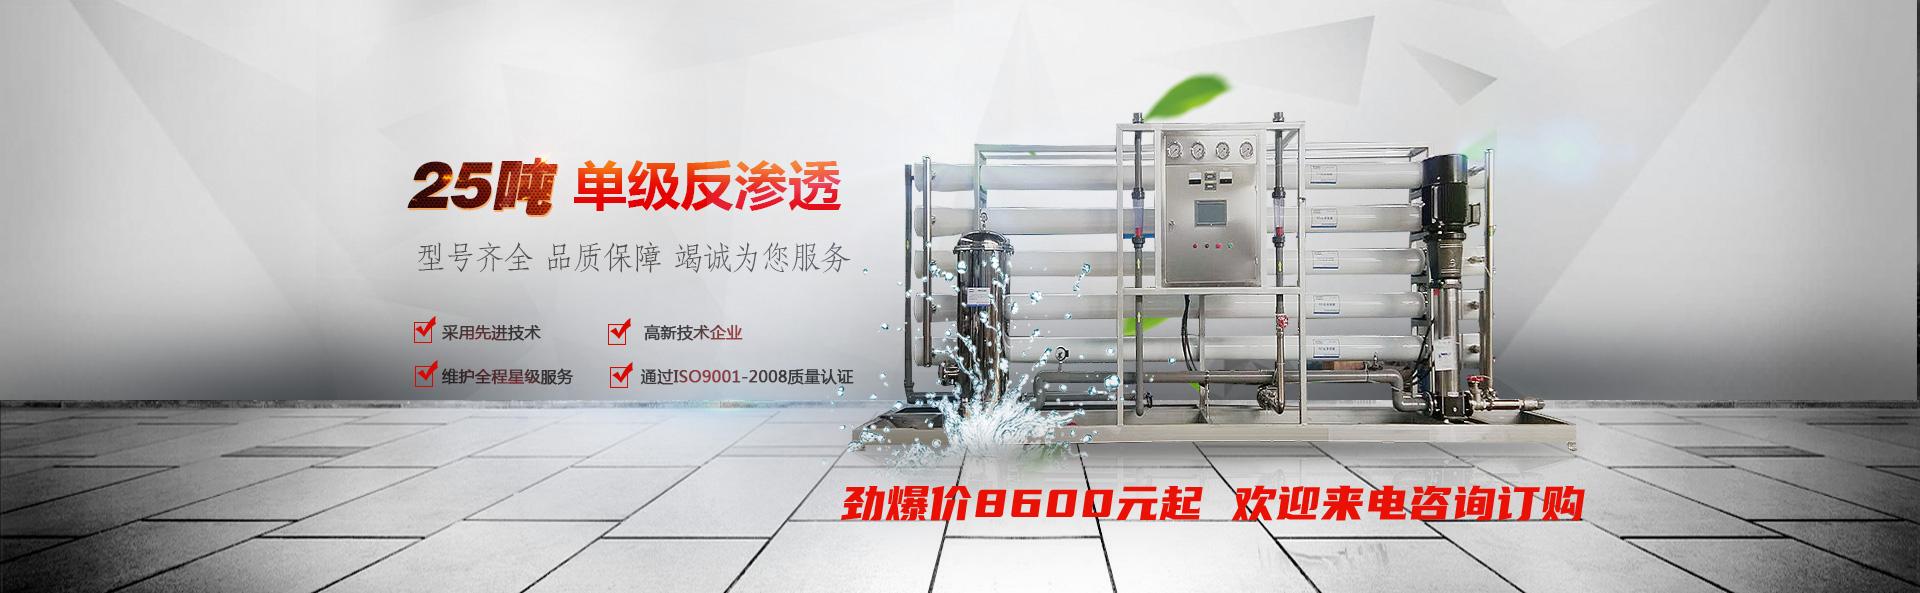 反滲透設備促銷